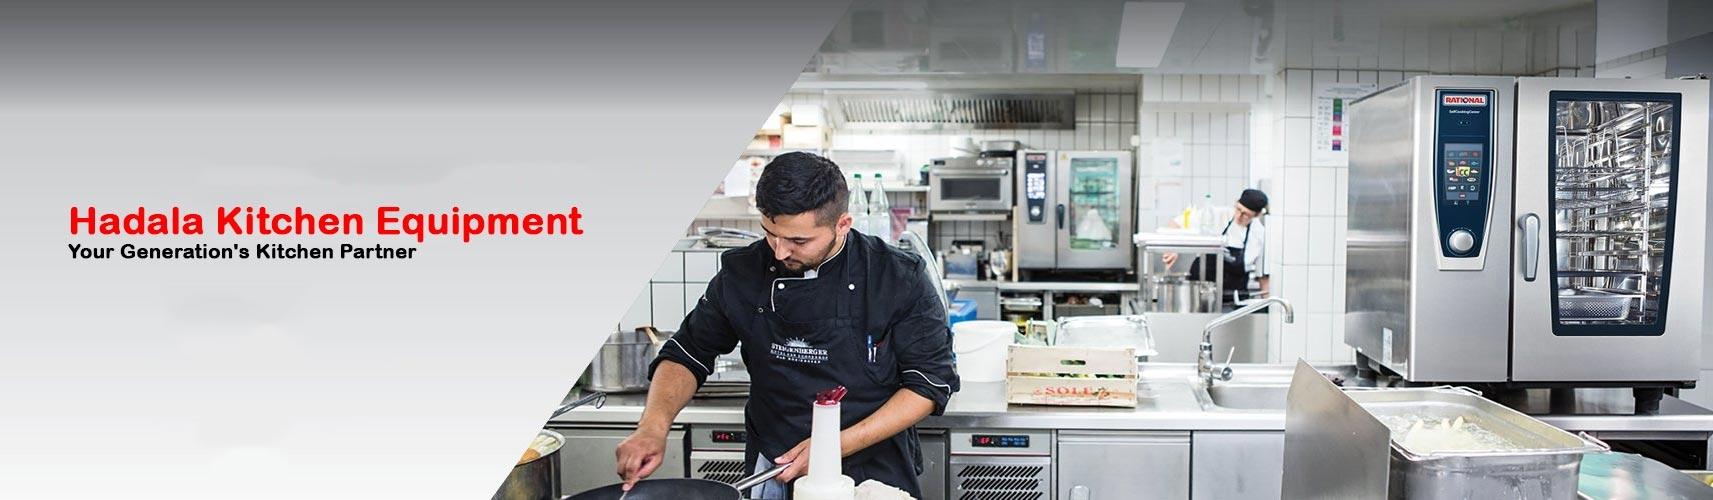 Hadala Kitchen Equipment (@hadalakitchen) Cover Image